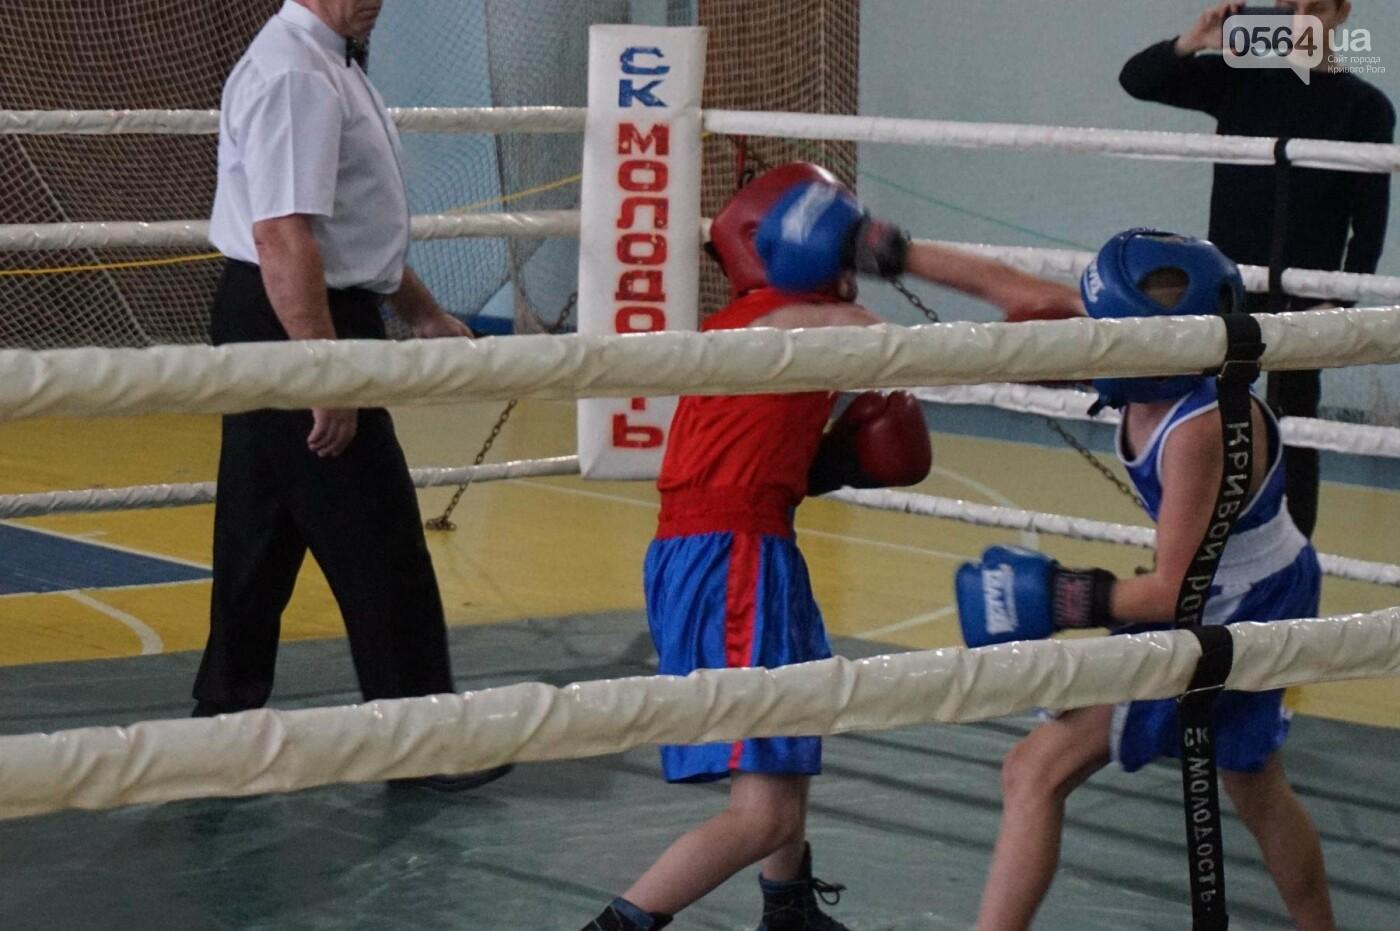 В Кривом Роге состоялся Международный турнир по боксу (ФОТО, ВИДЕО), фото-36